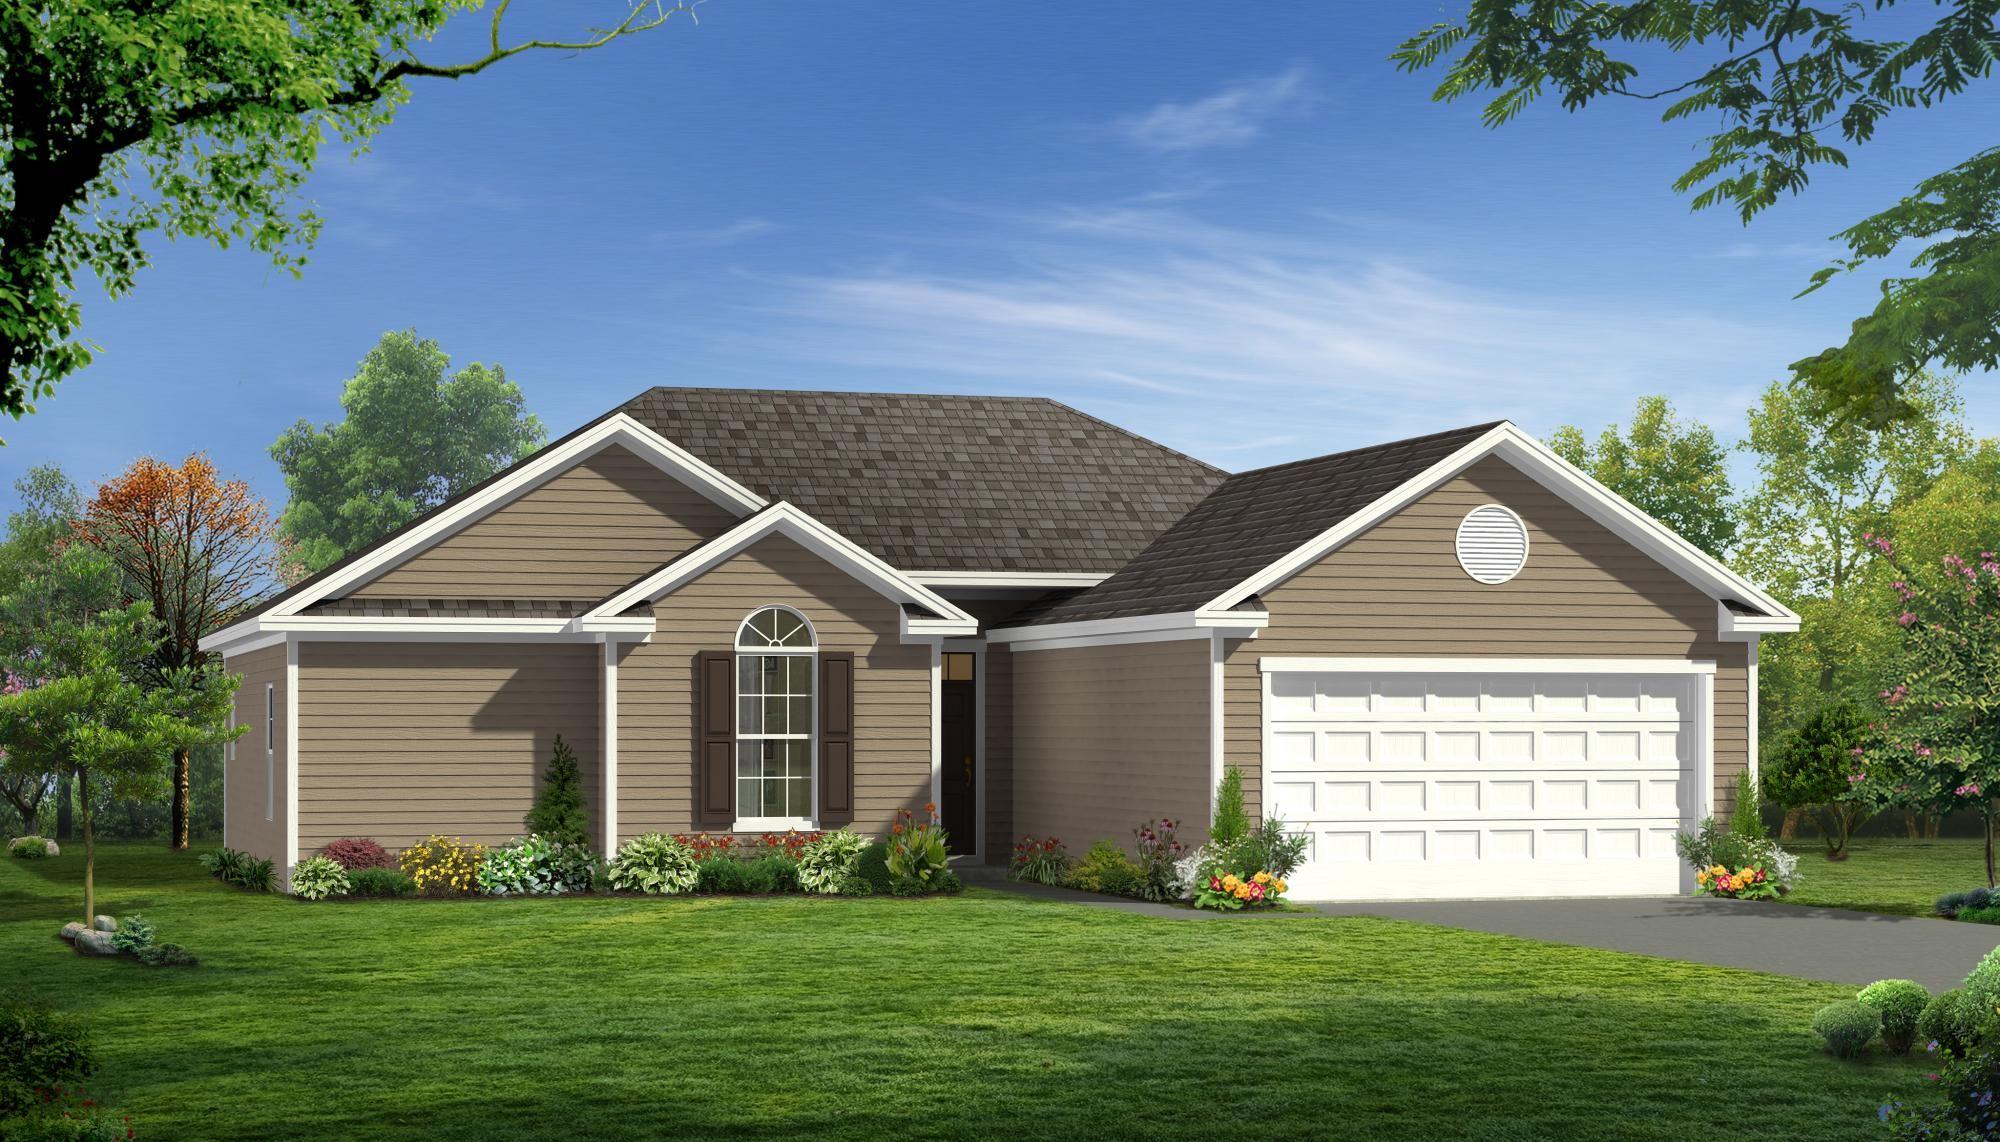 Decatur | Custom Homes Savannah GA | Konter Quality Homes